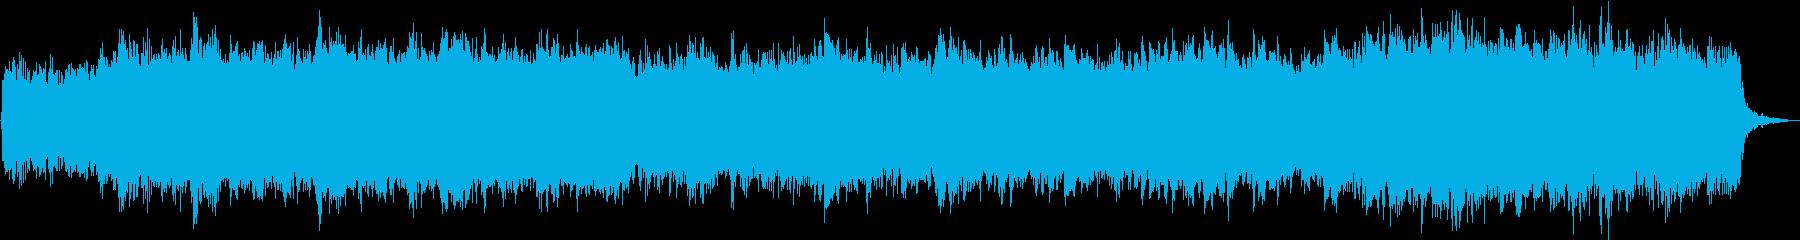 弦楽とハープシコードのロマンチックな曲の再生済みの波形